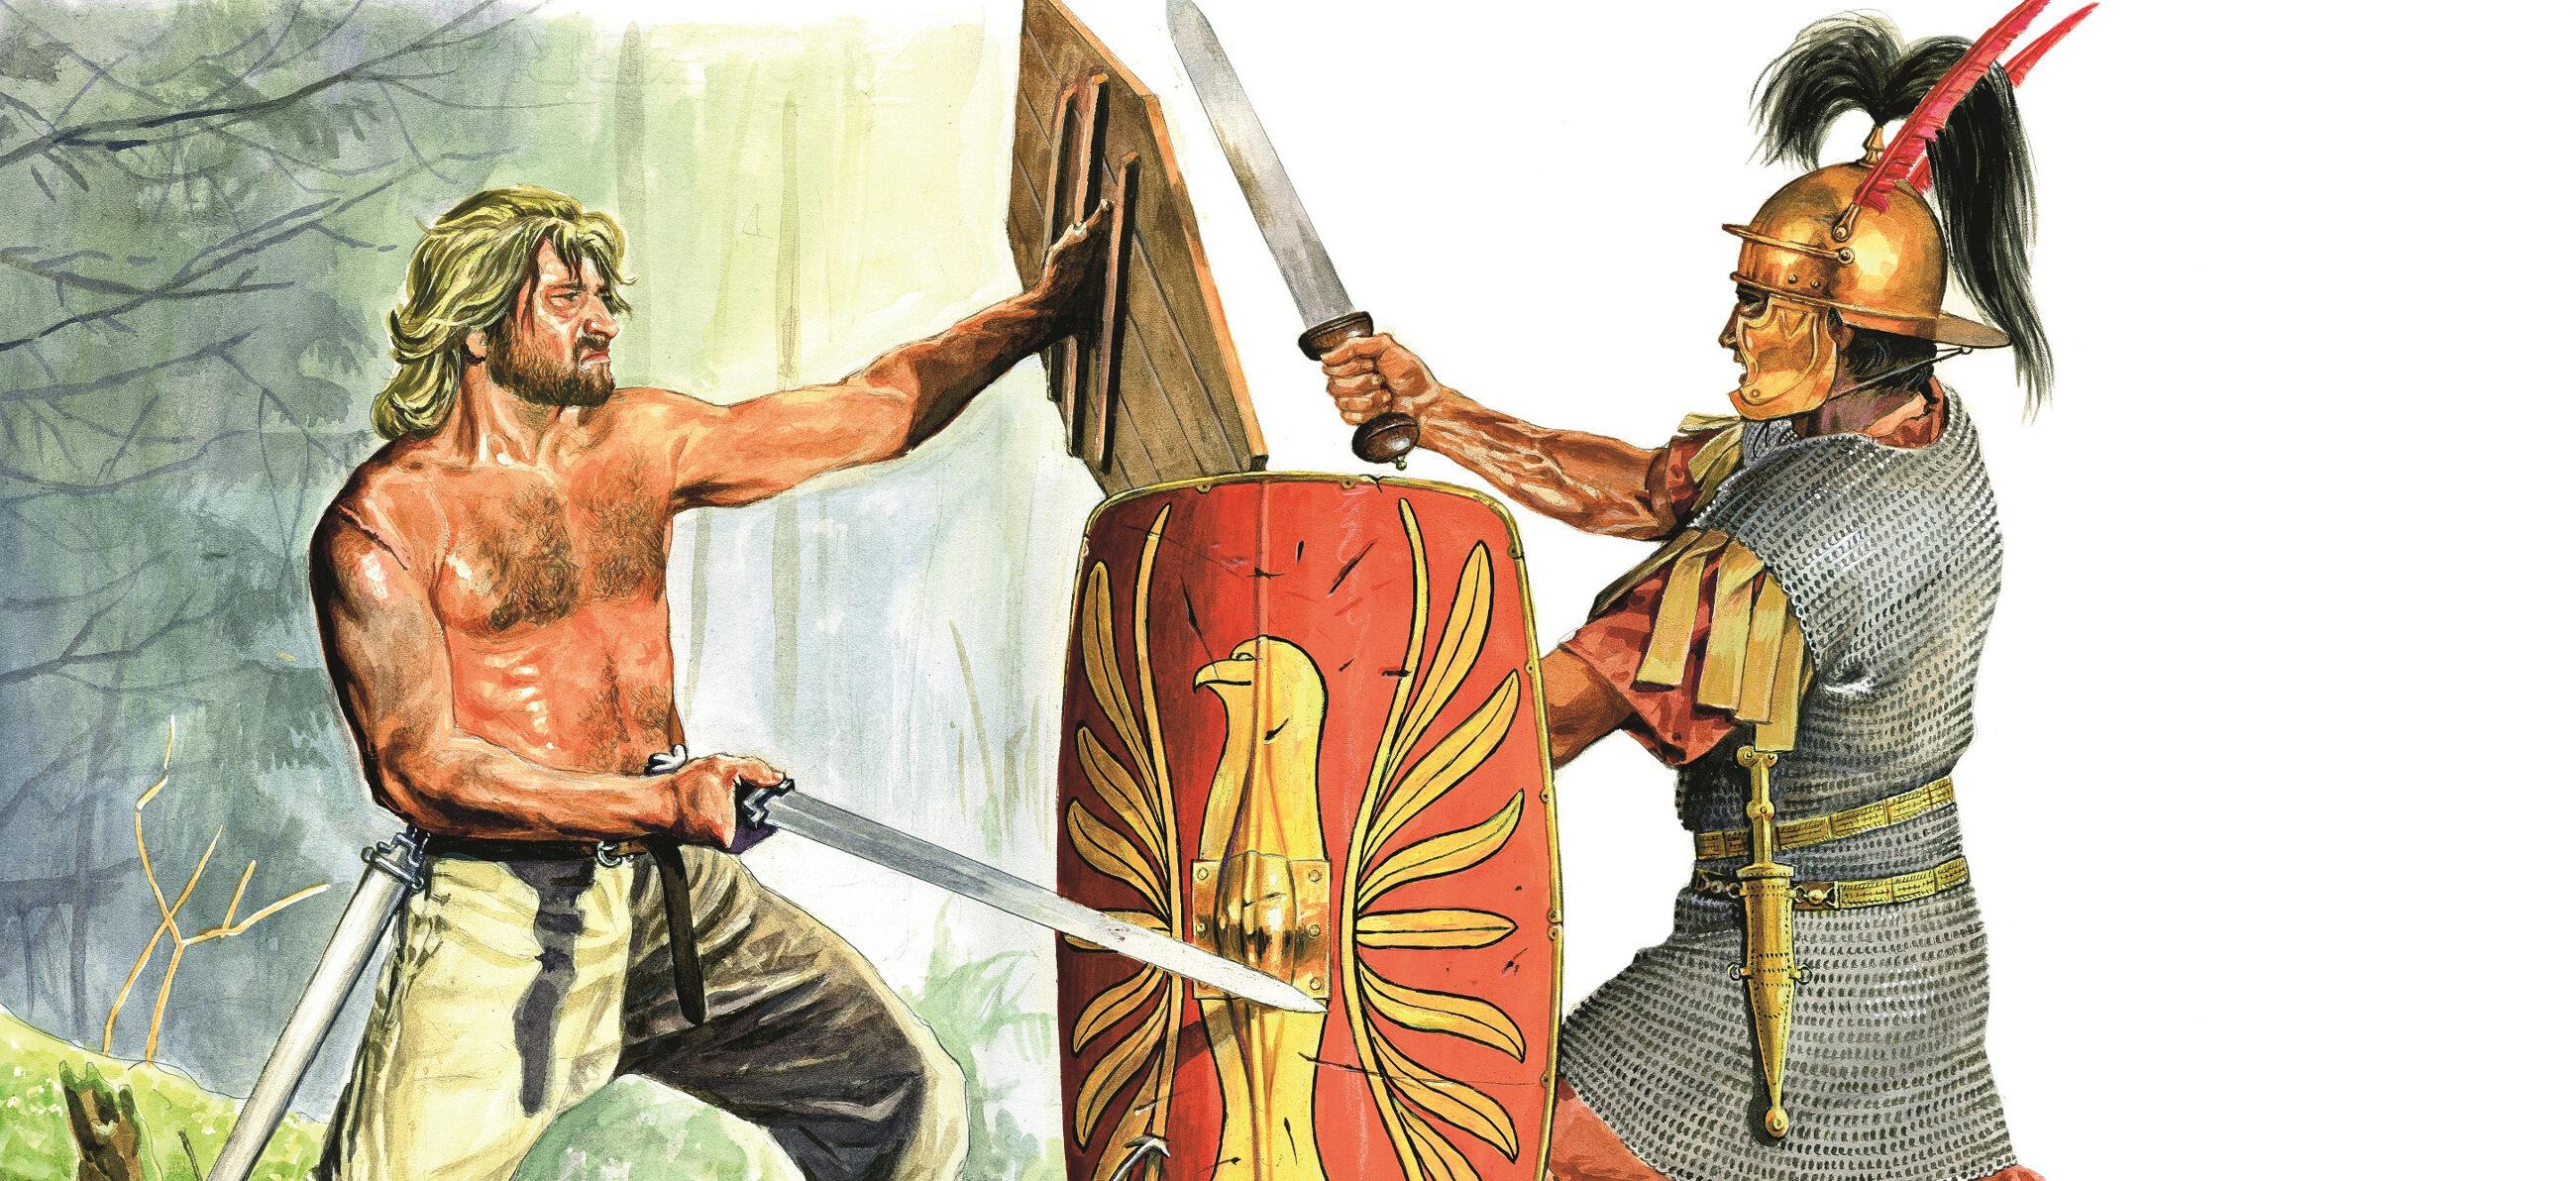 Germański wojownik i rzymski legionista w walce na miecze